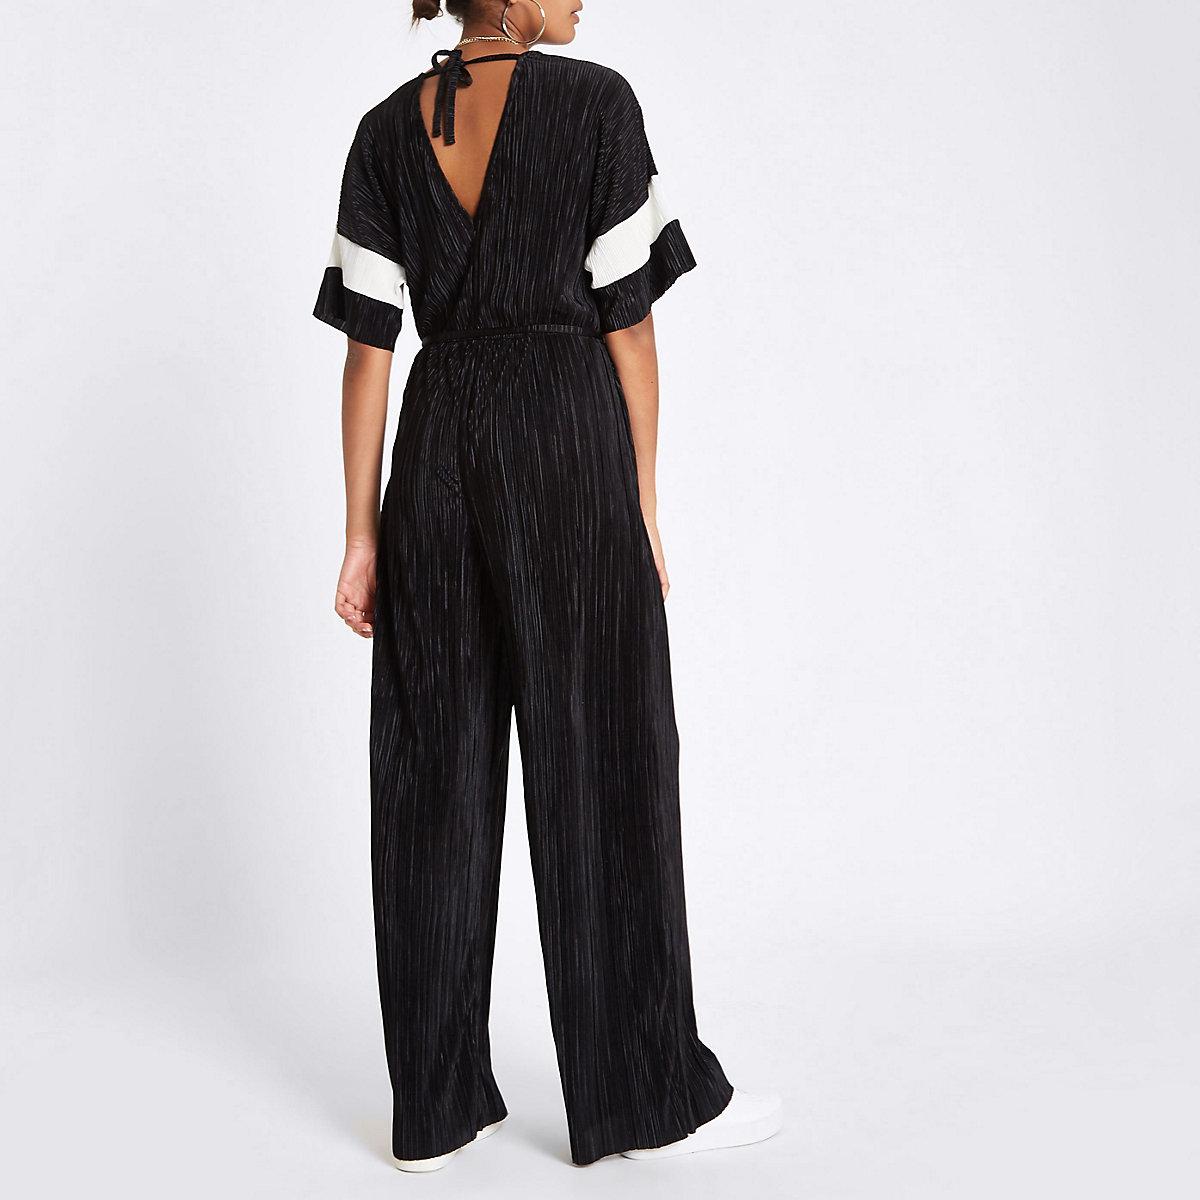 4d9bff3b3d34b Black plisse V neck wide leg jumpsuit - Plisse - women